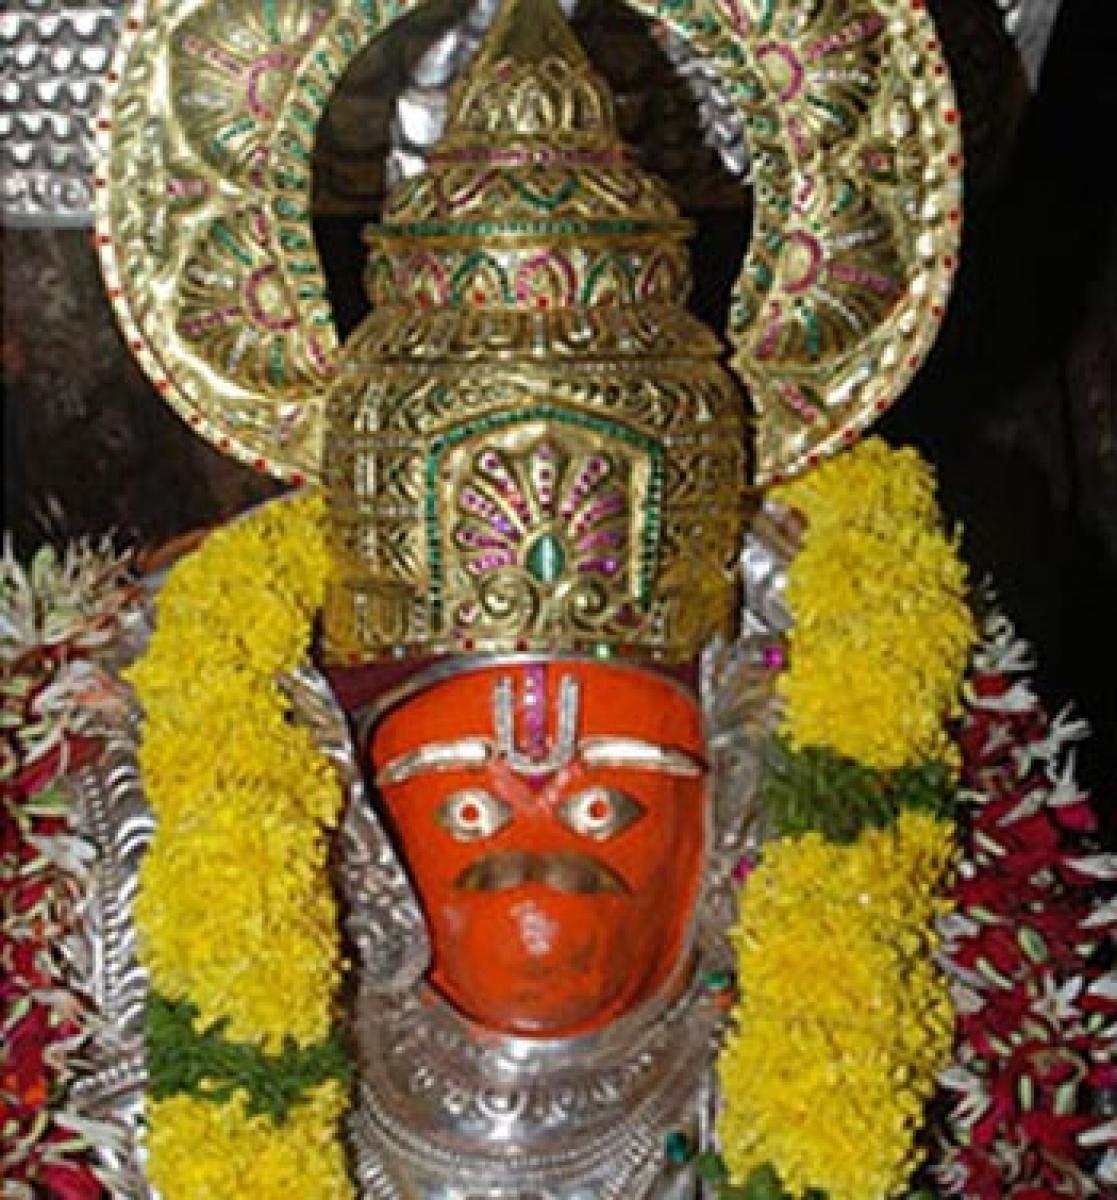 Saptah pooja of Sant Tukaram held